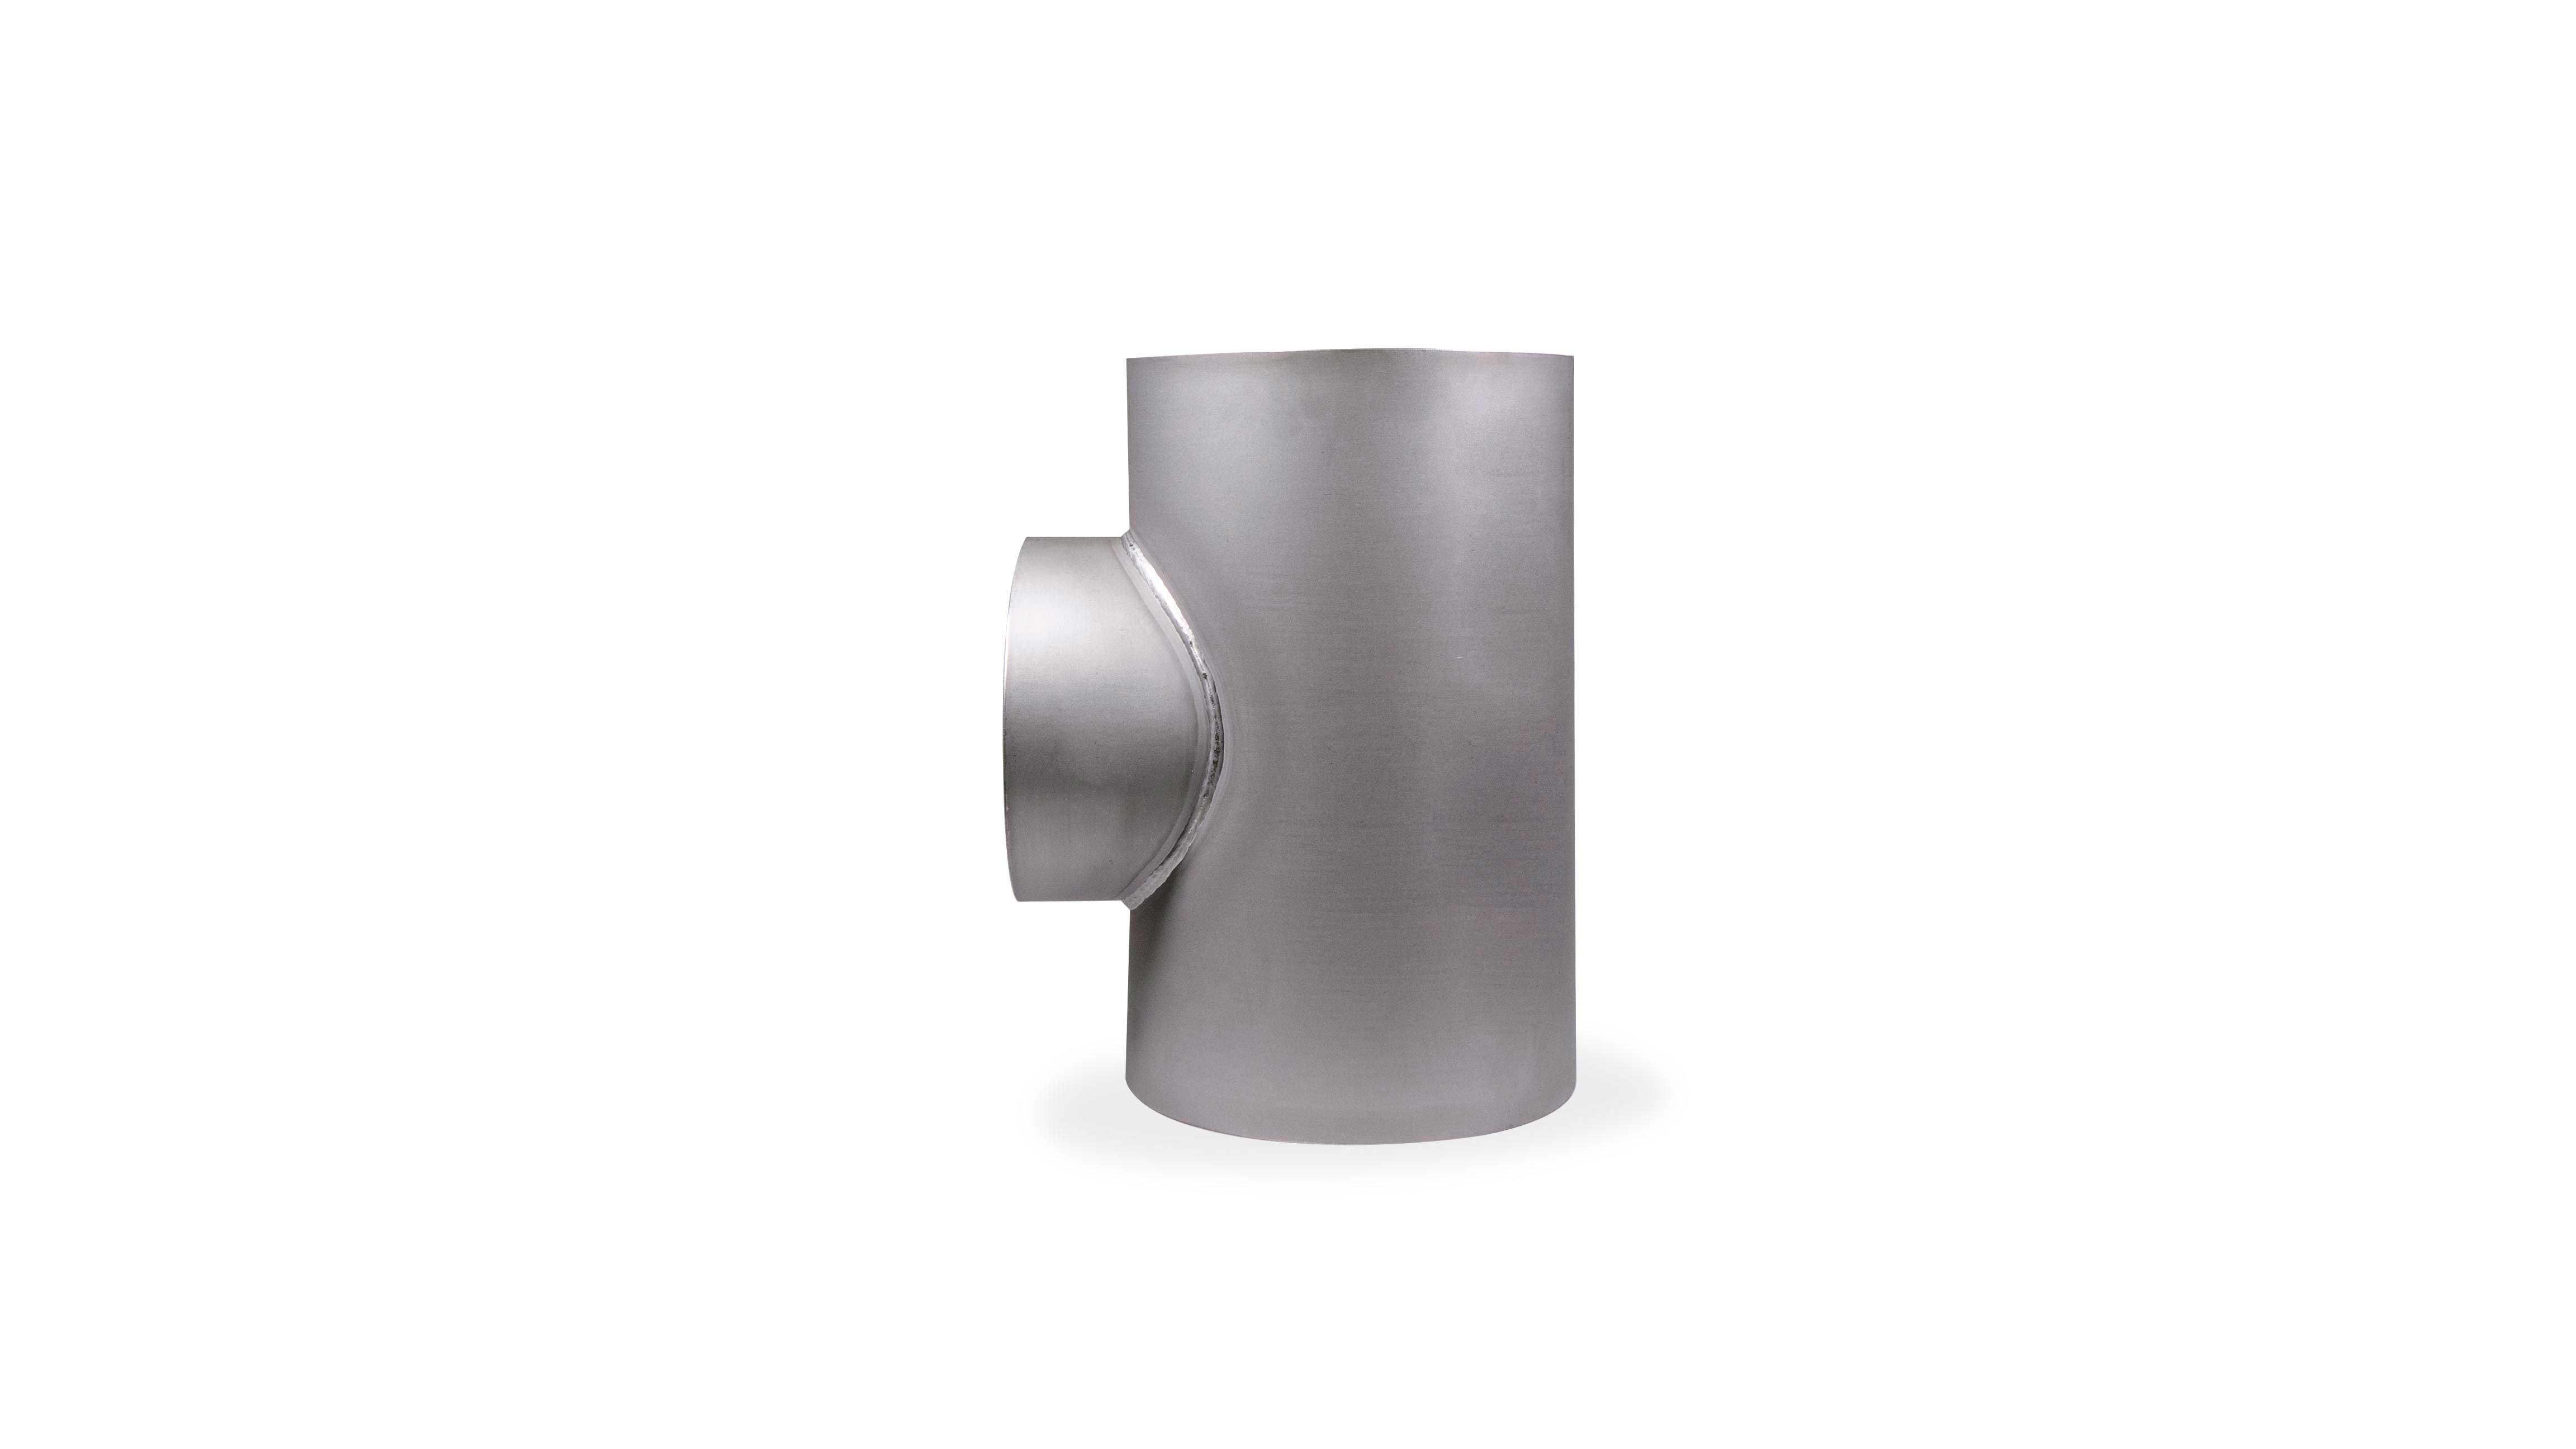 BMS raccordi tee saldati con innesto - tee ridotto a saldare in acciaio inox - foto 7